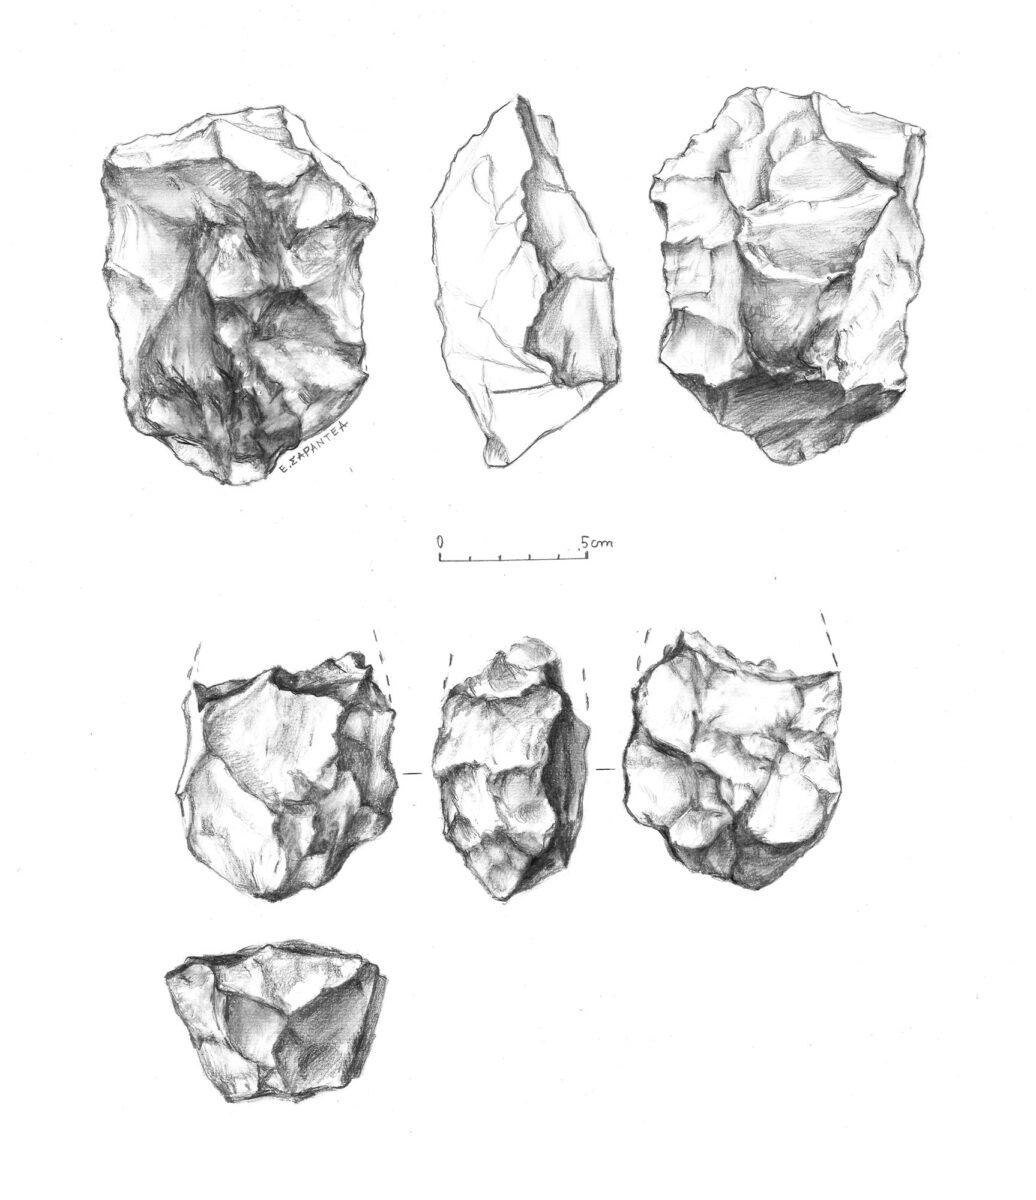 Εικ. 10. Επάνω, κοπέας (cleaver) μήκους 13 εκ., με βάση. Κάτω, θραύσμα δίπλευρου (biface), πλάτους 7 εκ. (μήκος εναπομείναντος κάτω τμήματος 9 εκ.). Από το νότιο Βολέρι (σχέδια: Ε. Σαραντέα-Μίχα).